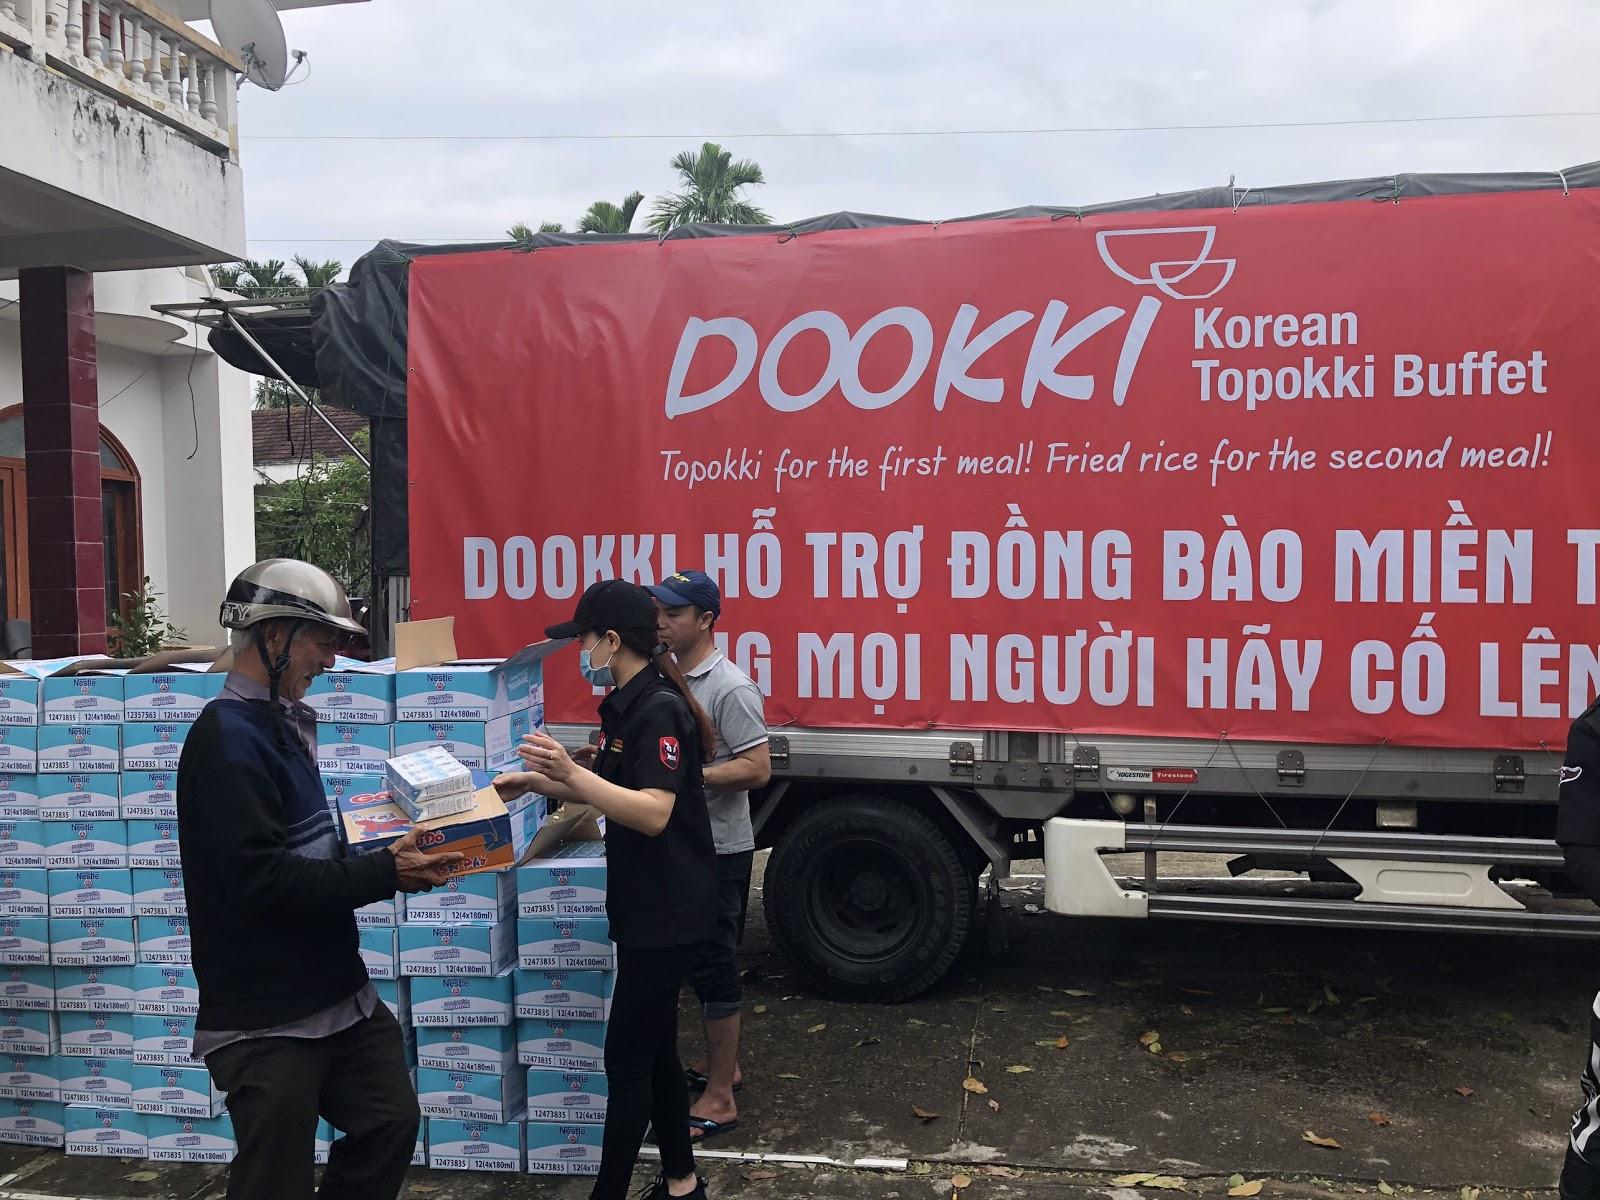 Đoàn xe của Dookki từ Sài Gòn về Quảng Ngãi ủng hộ người dân vùng lũ - Ảnh 3.